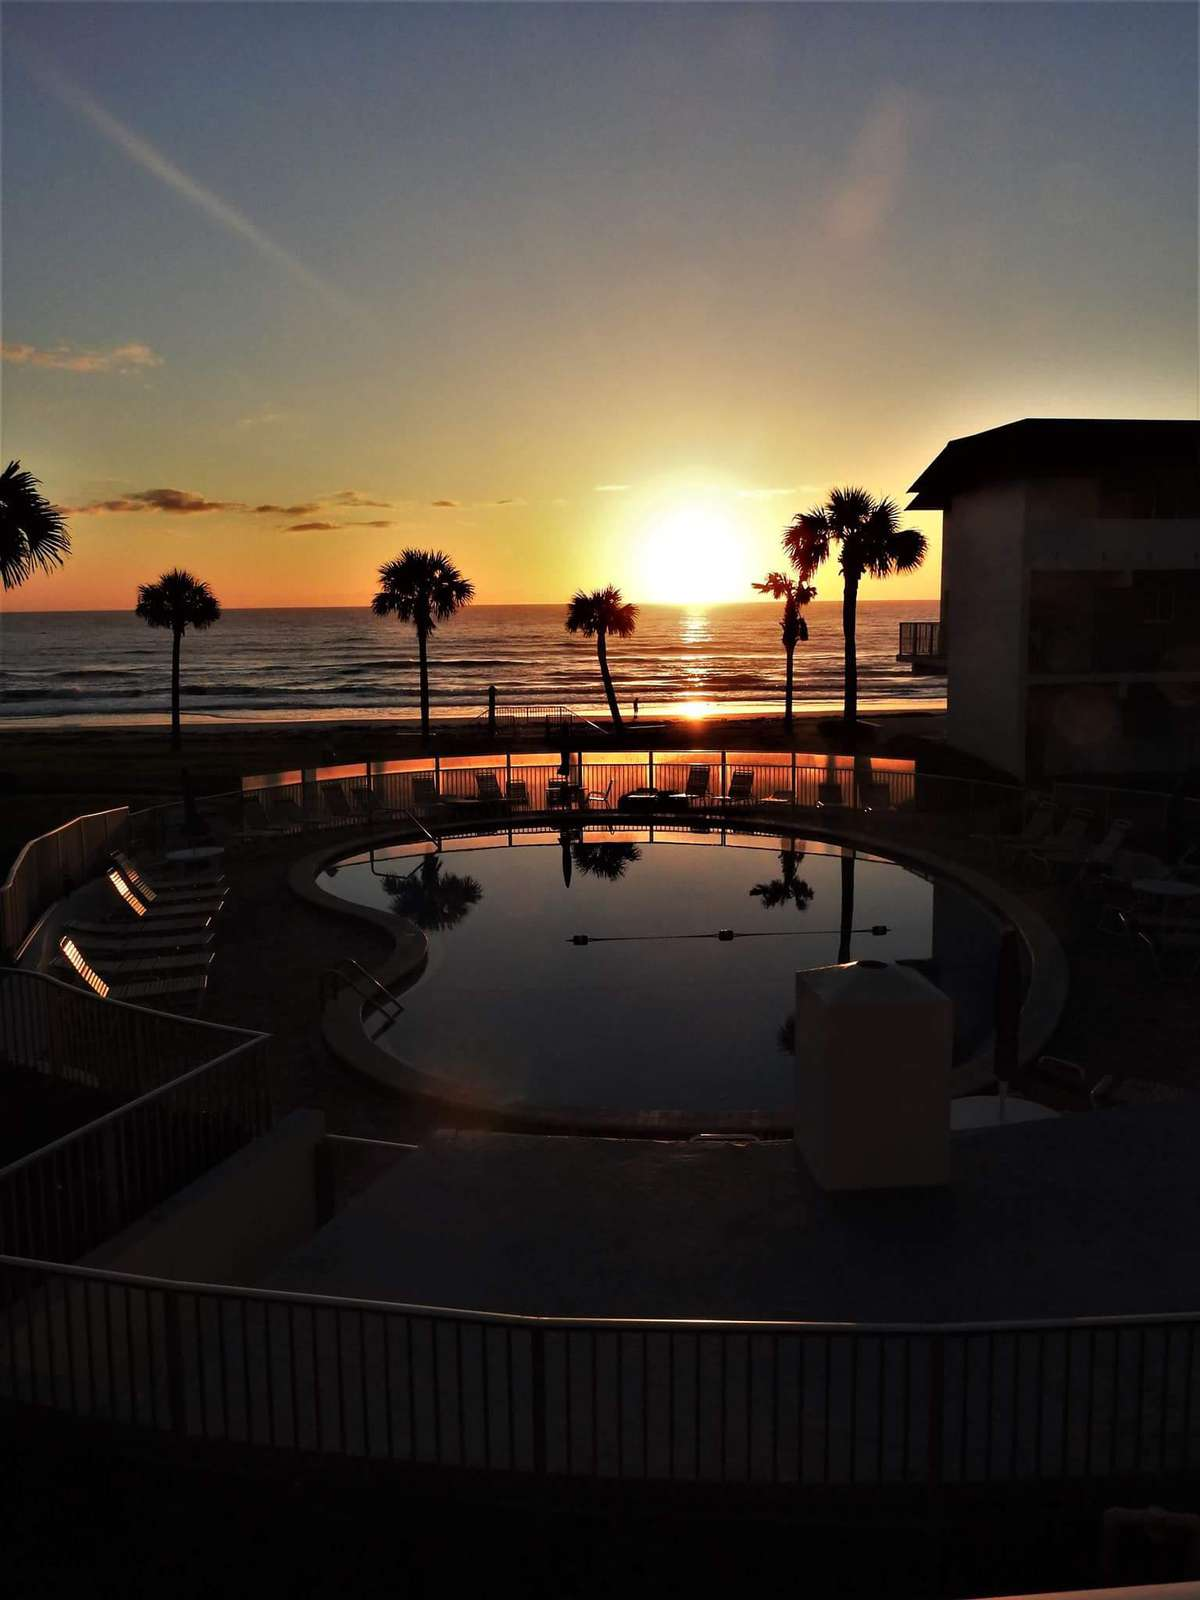 Morning Sunrise on the balcony - property